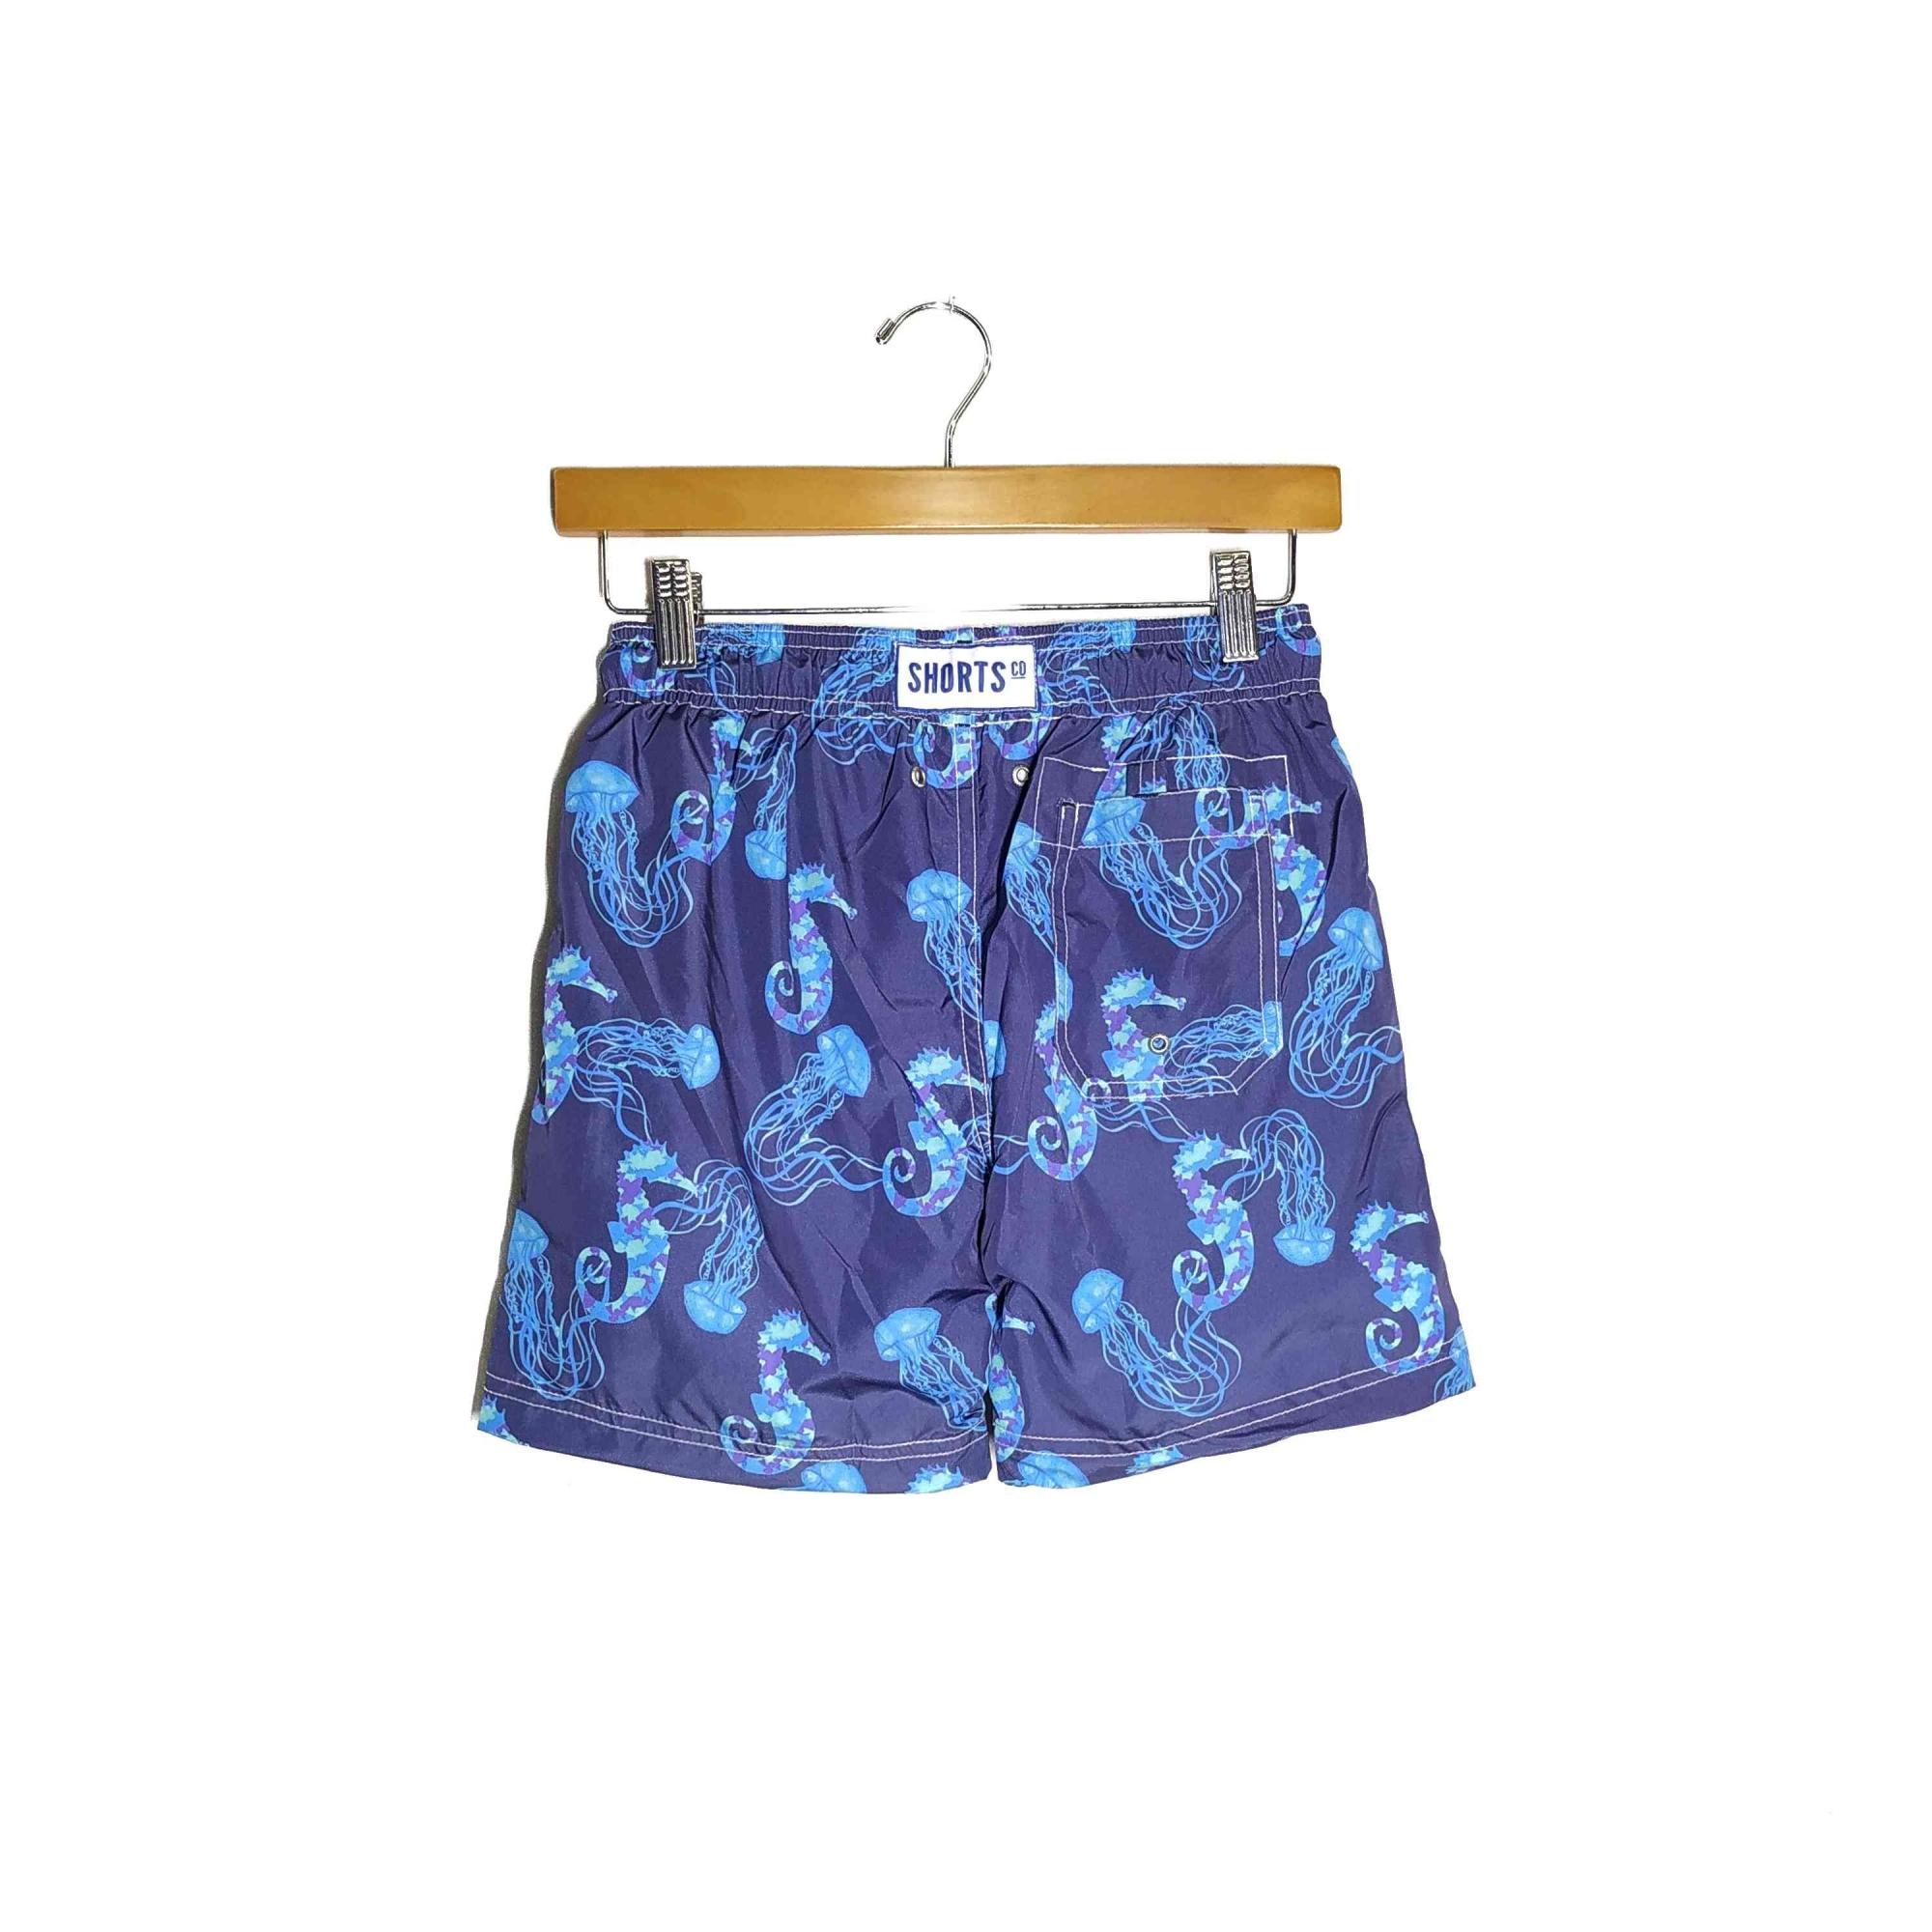 Shorts Co Shorts Kids Mar Navy Infantil